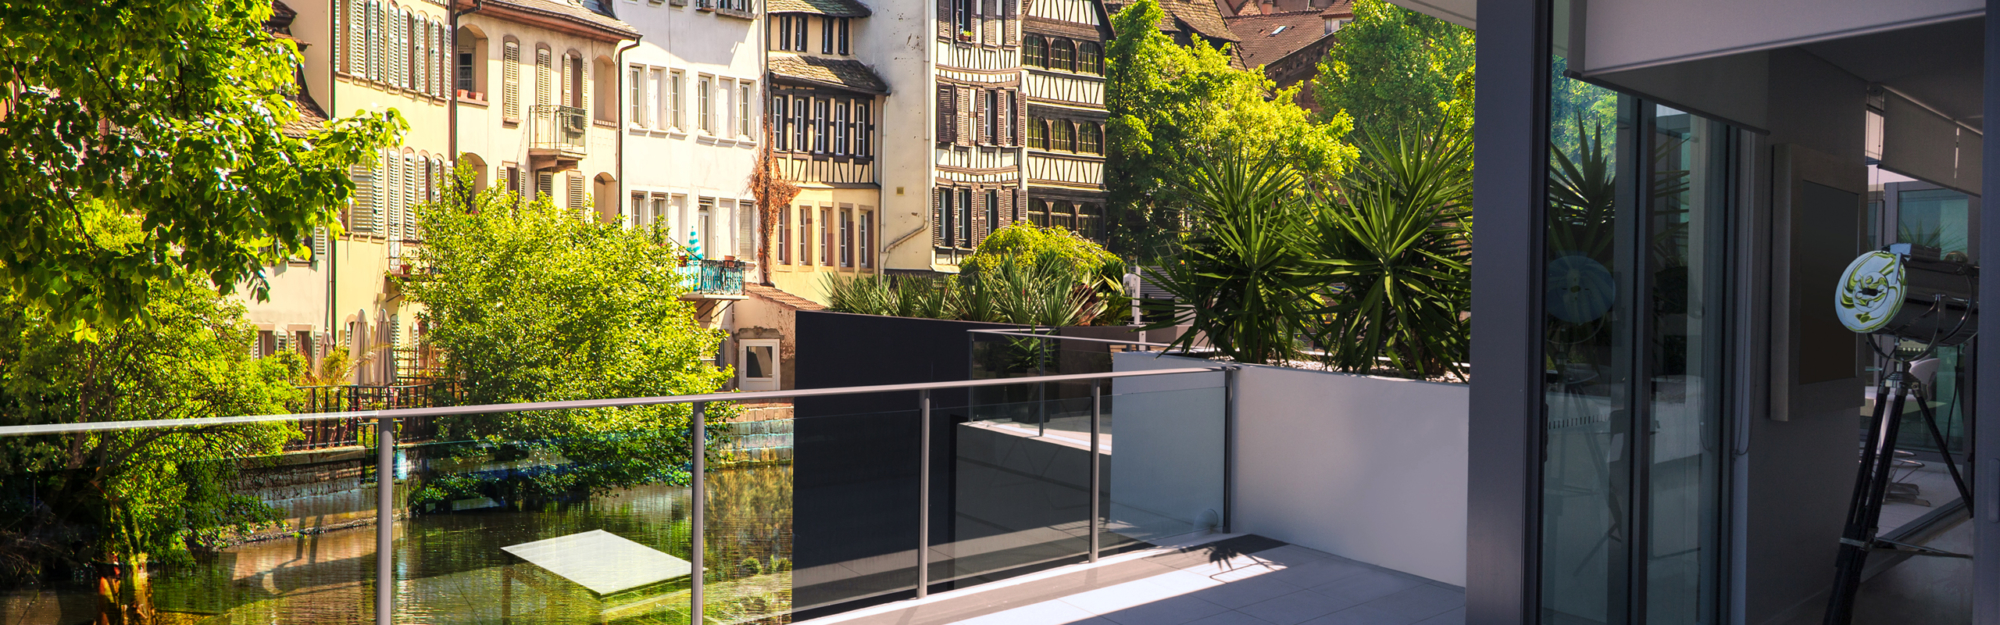 investissement locatif quelle strat gie pour se constituer un patrimoine immobilier. Black Bedroom Furniture Sets. Home Design Ideas